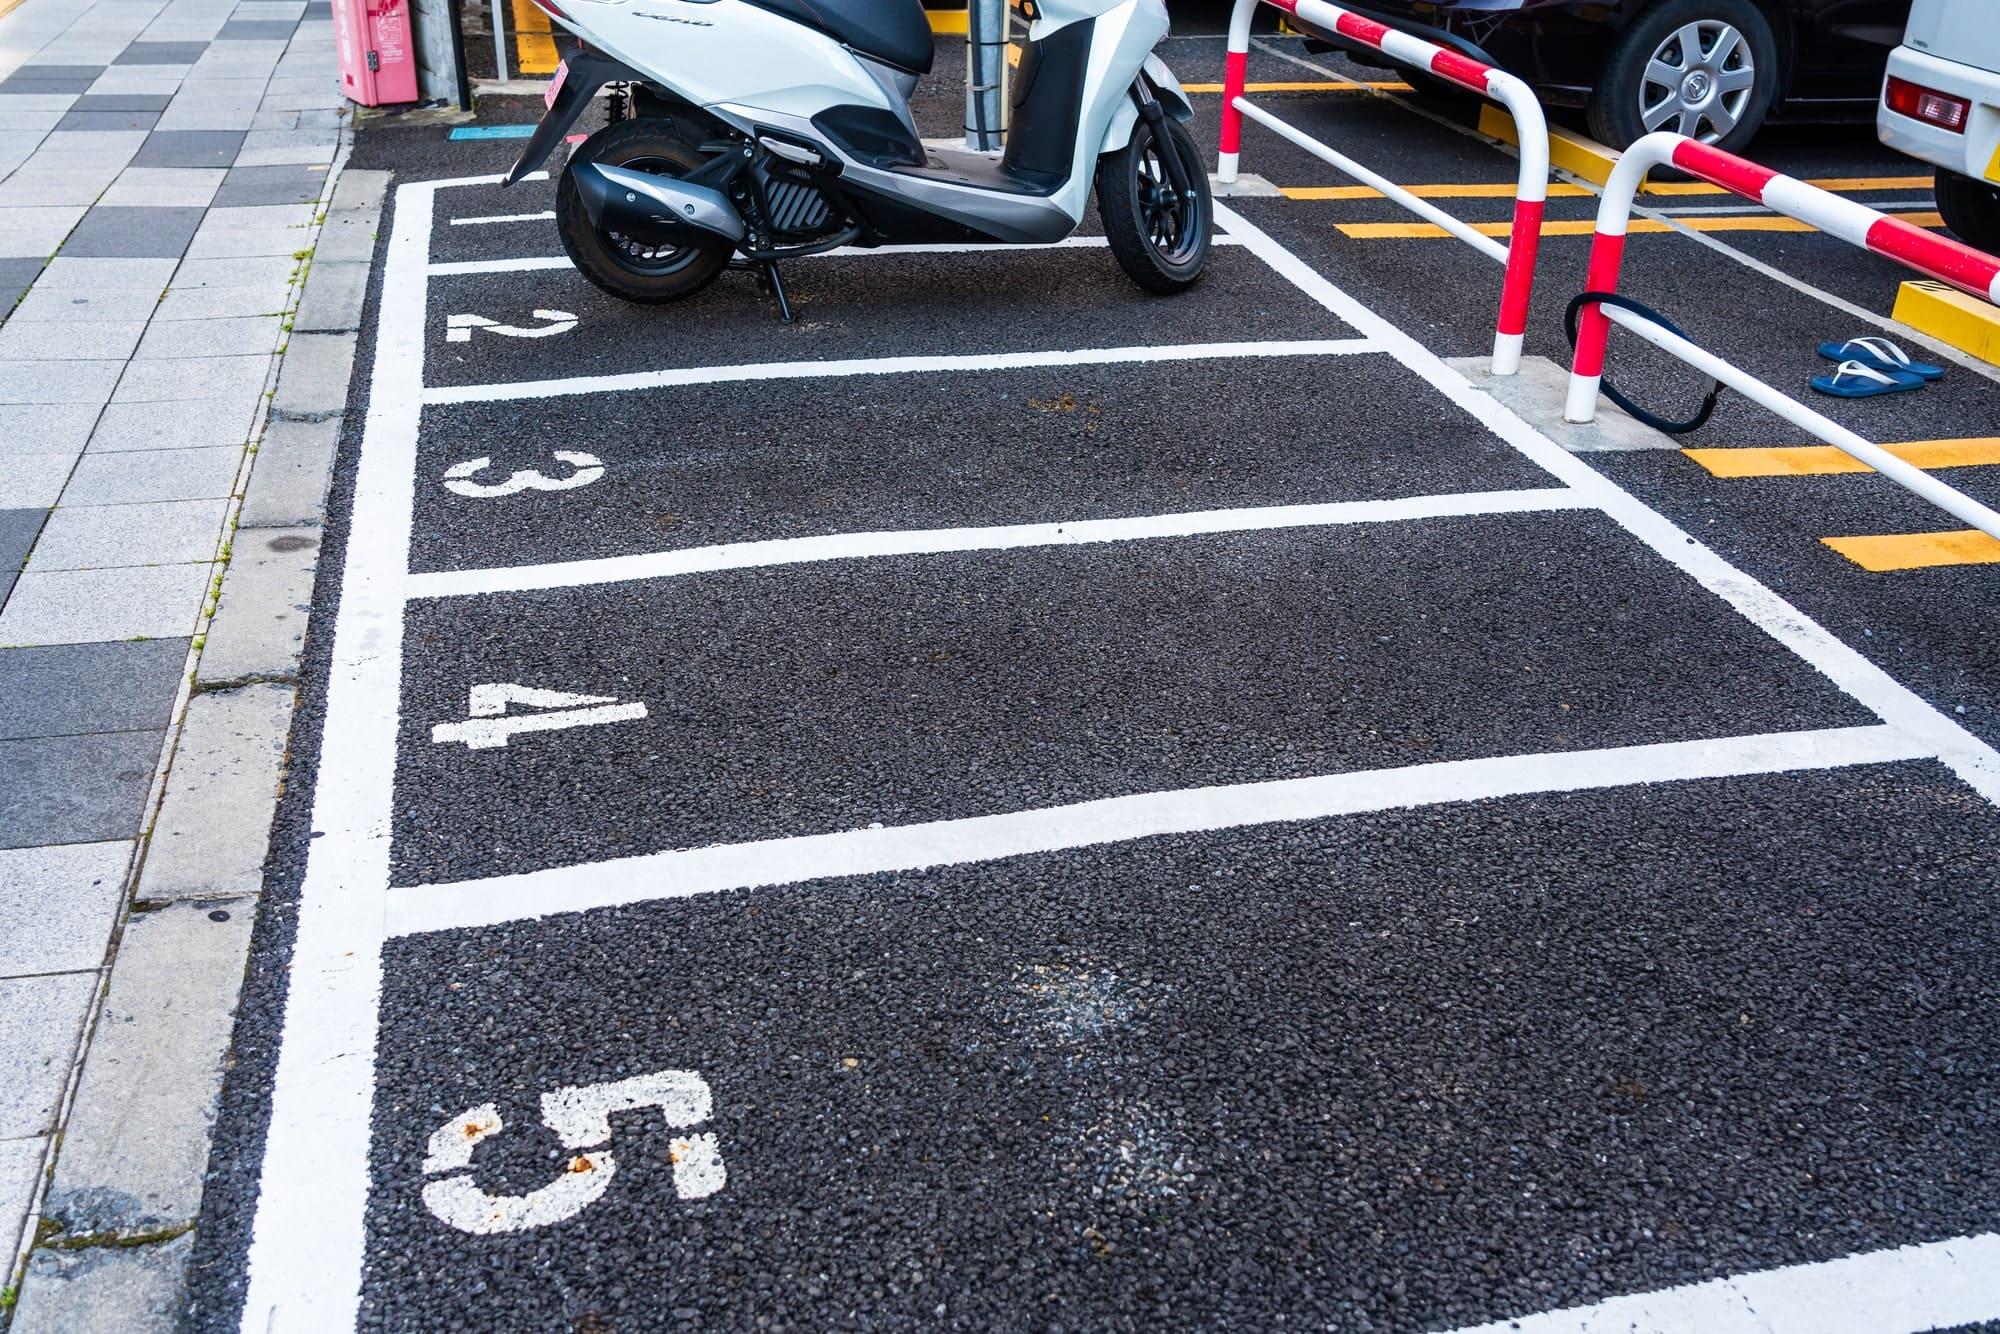 バイク駐車場の空き枠